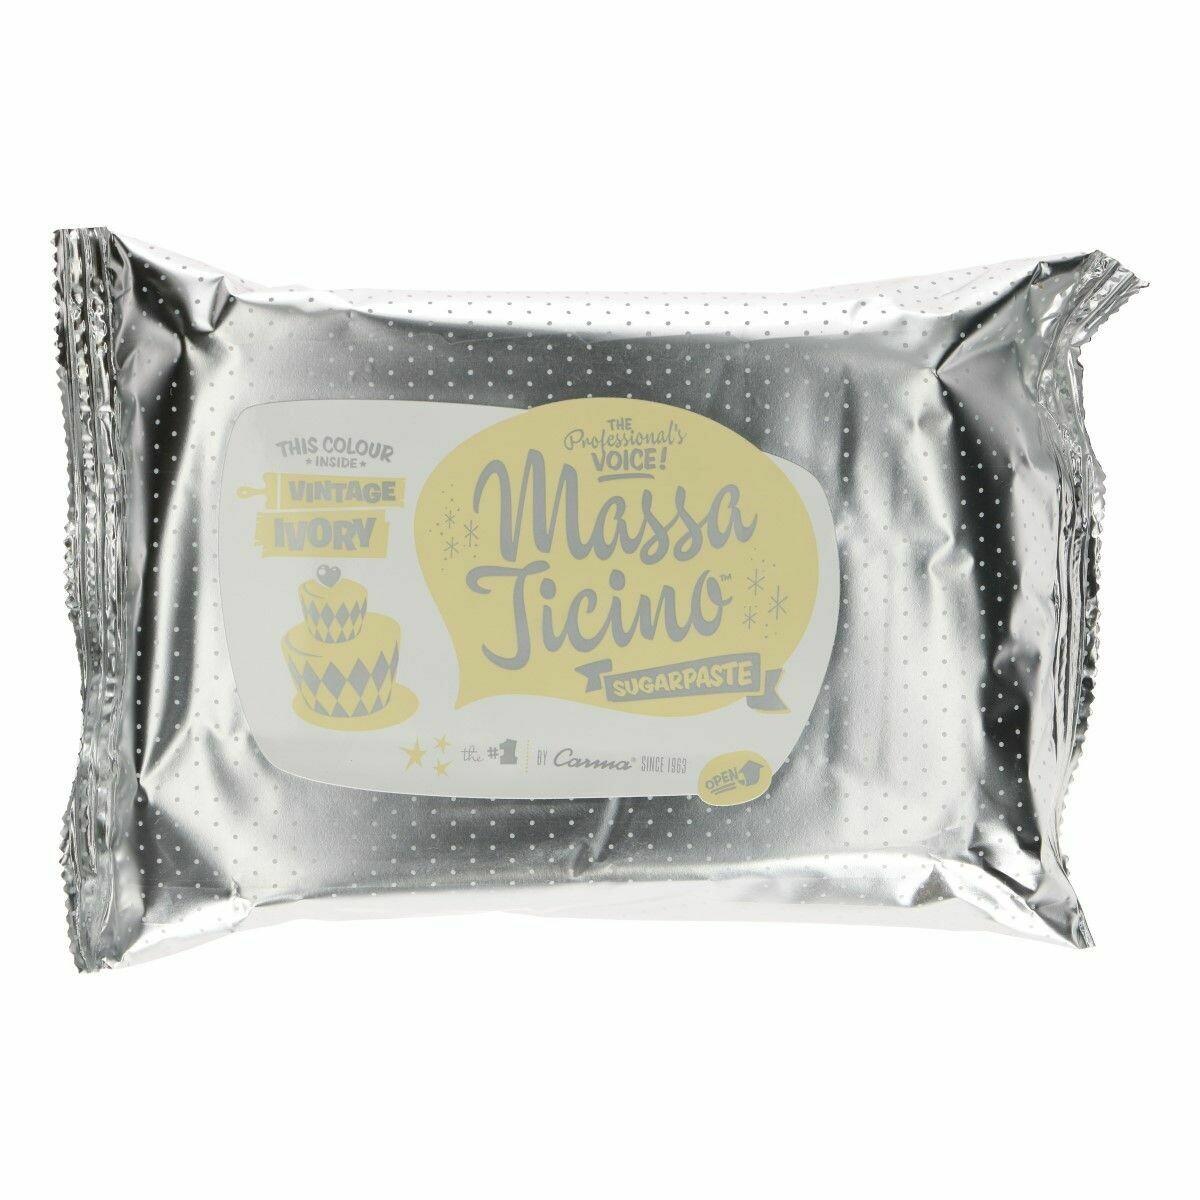 Massa Ticino Rollfondant - Elfenbein - Vintage Ivory 250g